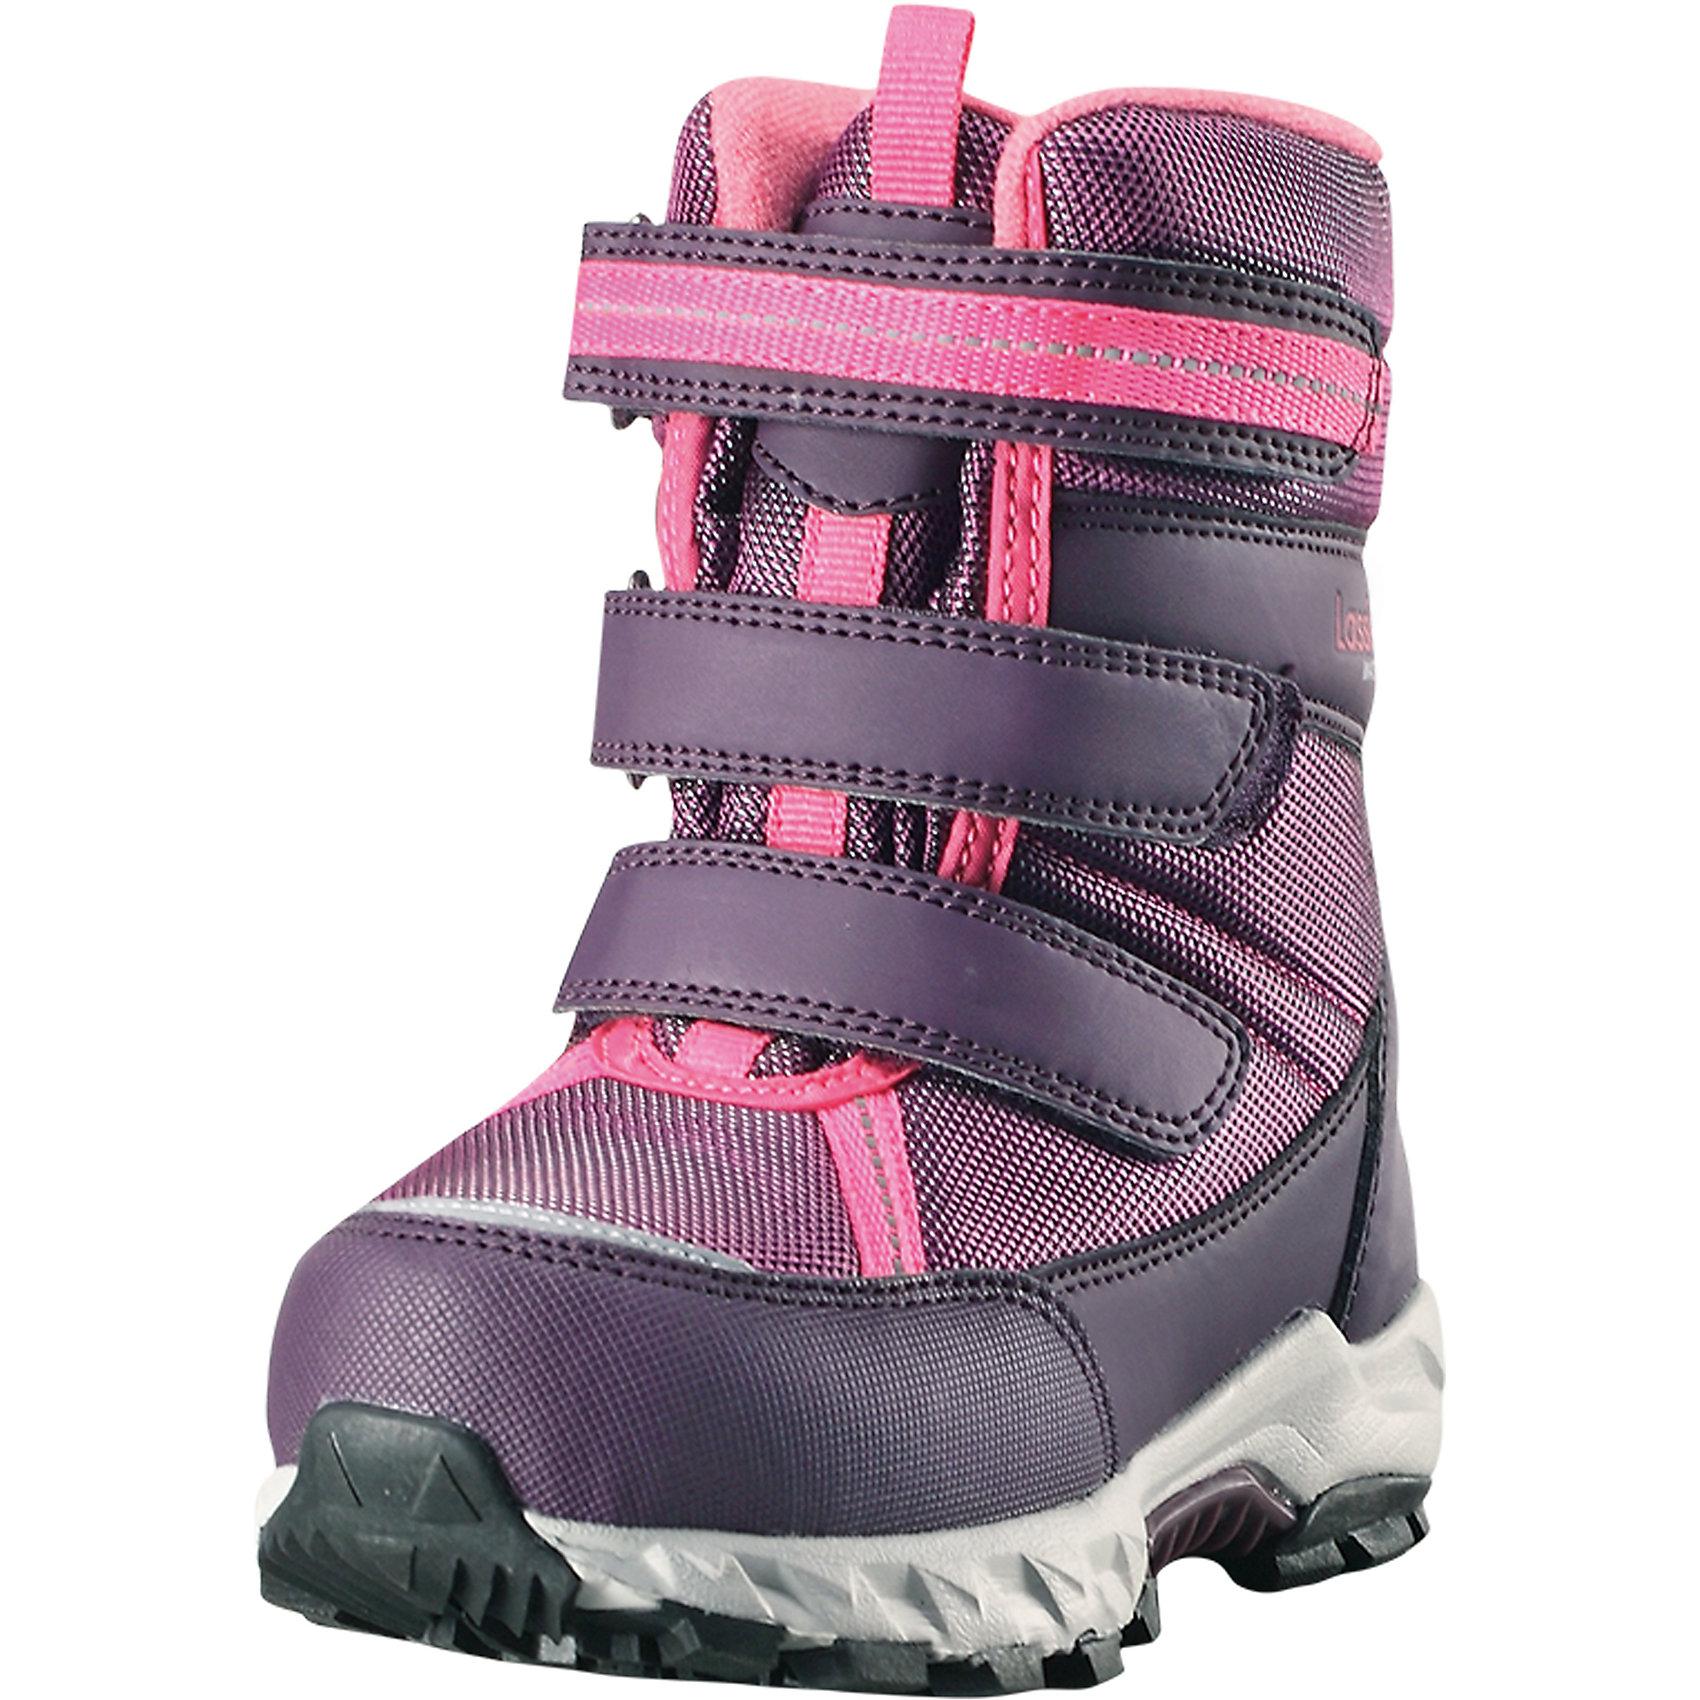 Сапоги Boulder Lassietec LassieОбувь<br>Пара отличных зимних ботинок – вот без чего просто не обойтись в холодное время года! Эти стильные водонепроницаемые детские зимние ботинки изготовлены из текстиля и синтетического материала, прочного и простого в уходе. Благодаря мягкой подкладке из искусственного меха во время прогулок на свежем воздухе ножкам будет тепло и сухо. Регулируемая застежка на липучке облегчает обувание и обеспечивает хорошую фиксацию на ноге. Светоотражающие детали.<br>Состав:<br>Подошва: Термопластичная резина Верх: Полиэстер/Полиуретан<br><br>Ширина мм: 257<br>Глубина мм: 180<br>Высота мм: 130<br>Вес г: 420<br>Цвет: розовый<br>Возраст от месяцев: 96<br>Возраст до месяцев: 108<br>Пол: Унисекс<br>Возраст: Детский<br>Размер: 35,22,23,24,25,26,27,28,29,30,31,32,33,34<br>SKU: 6901015